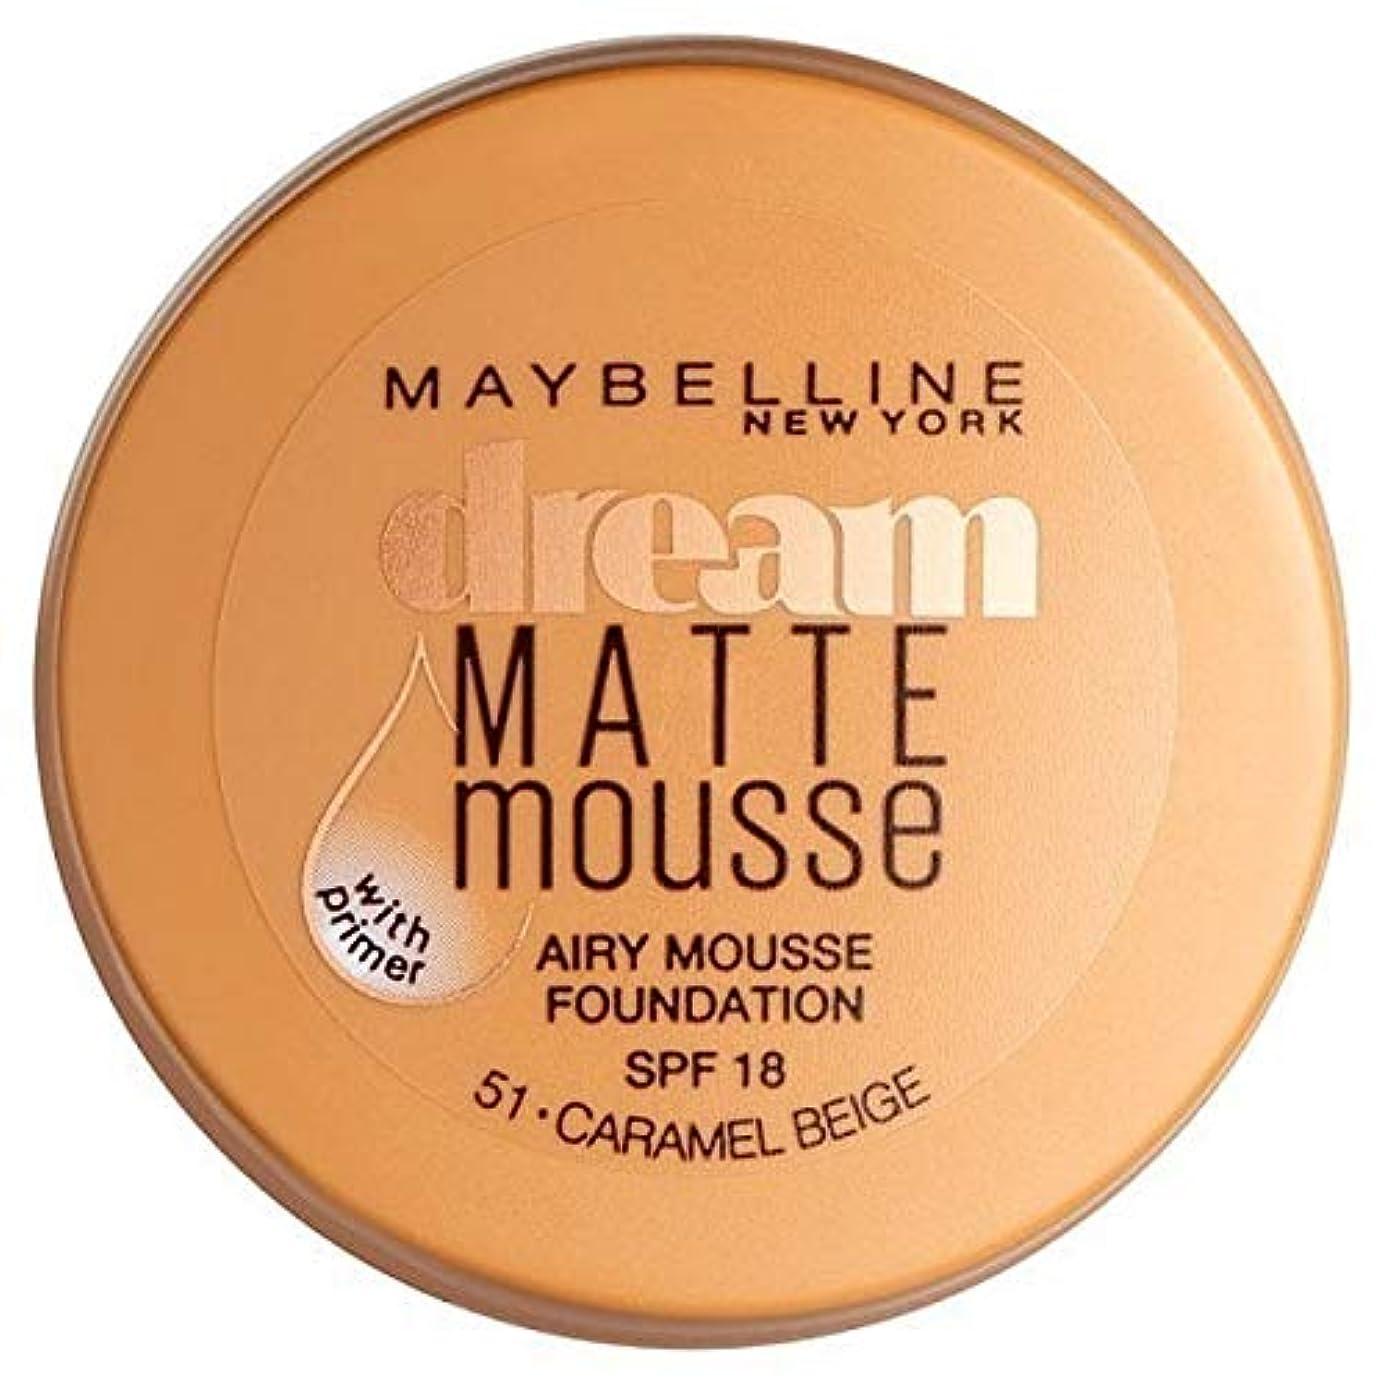 鰐姿を消す瀬戸際[Maybelline ] メイベリン夢のマットムース基盤051キャラメルベージュ - Maybelline Dream Matte Mousse Foundation 051 Caramel Beige [並行輸入品]